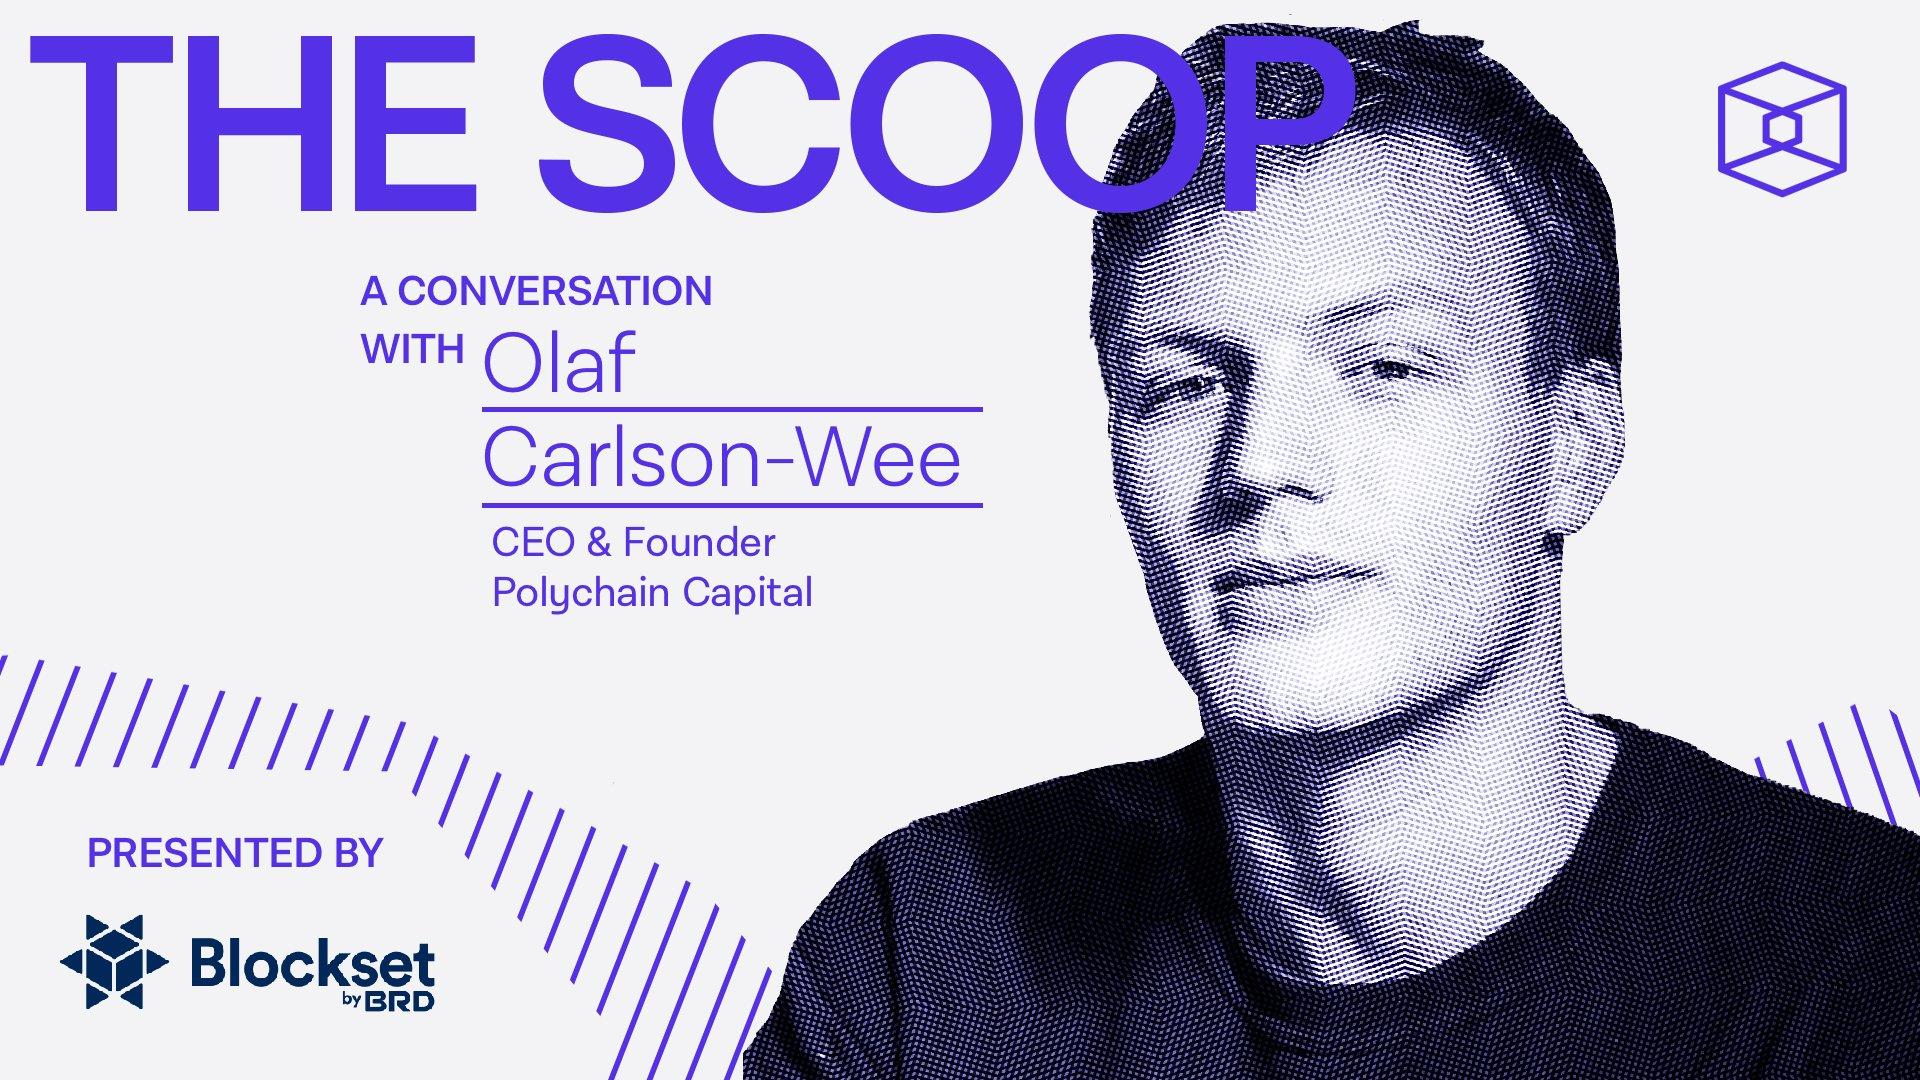 En el episodio de esta semana de The Scoop, Olaf Carlson-Wee explica cómo bitcoin será una puerta de entrada para los inversores al mundo DeFi.